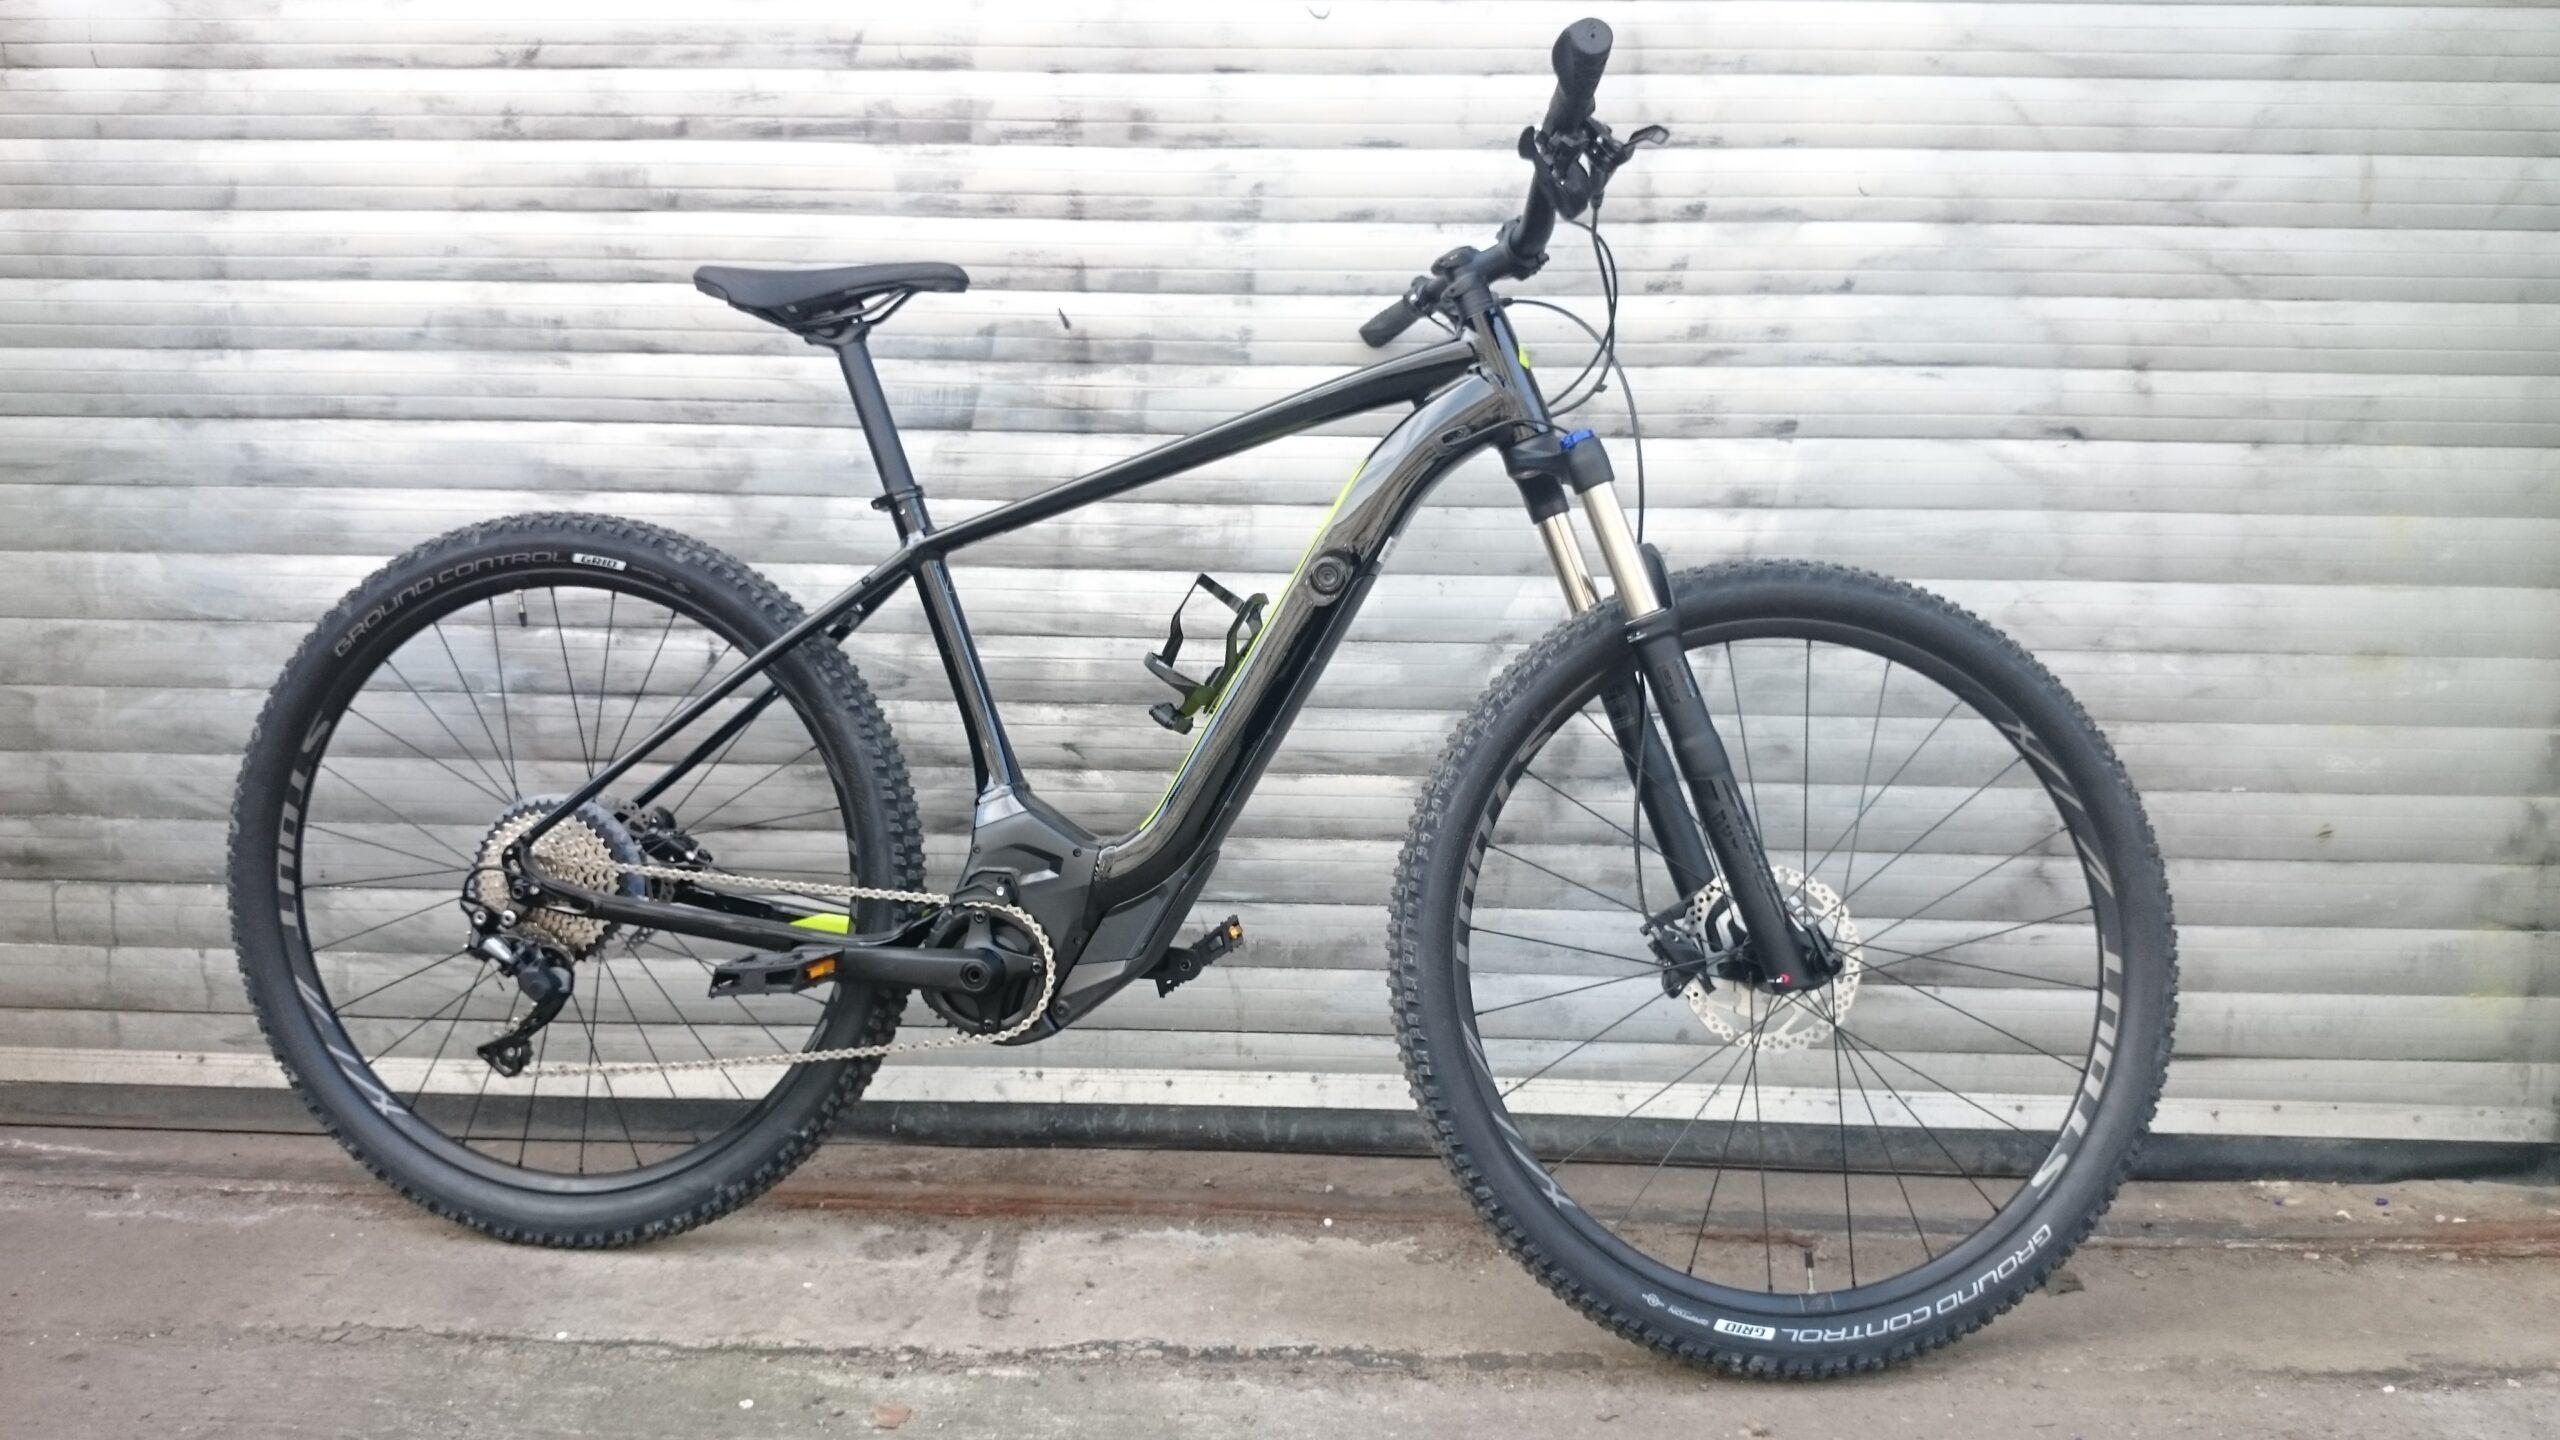 Das richtige Fahrrad Bild zum Fahrradpass hochladen